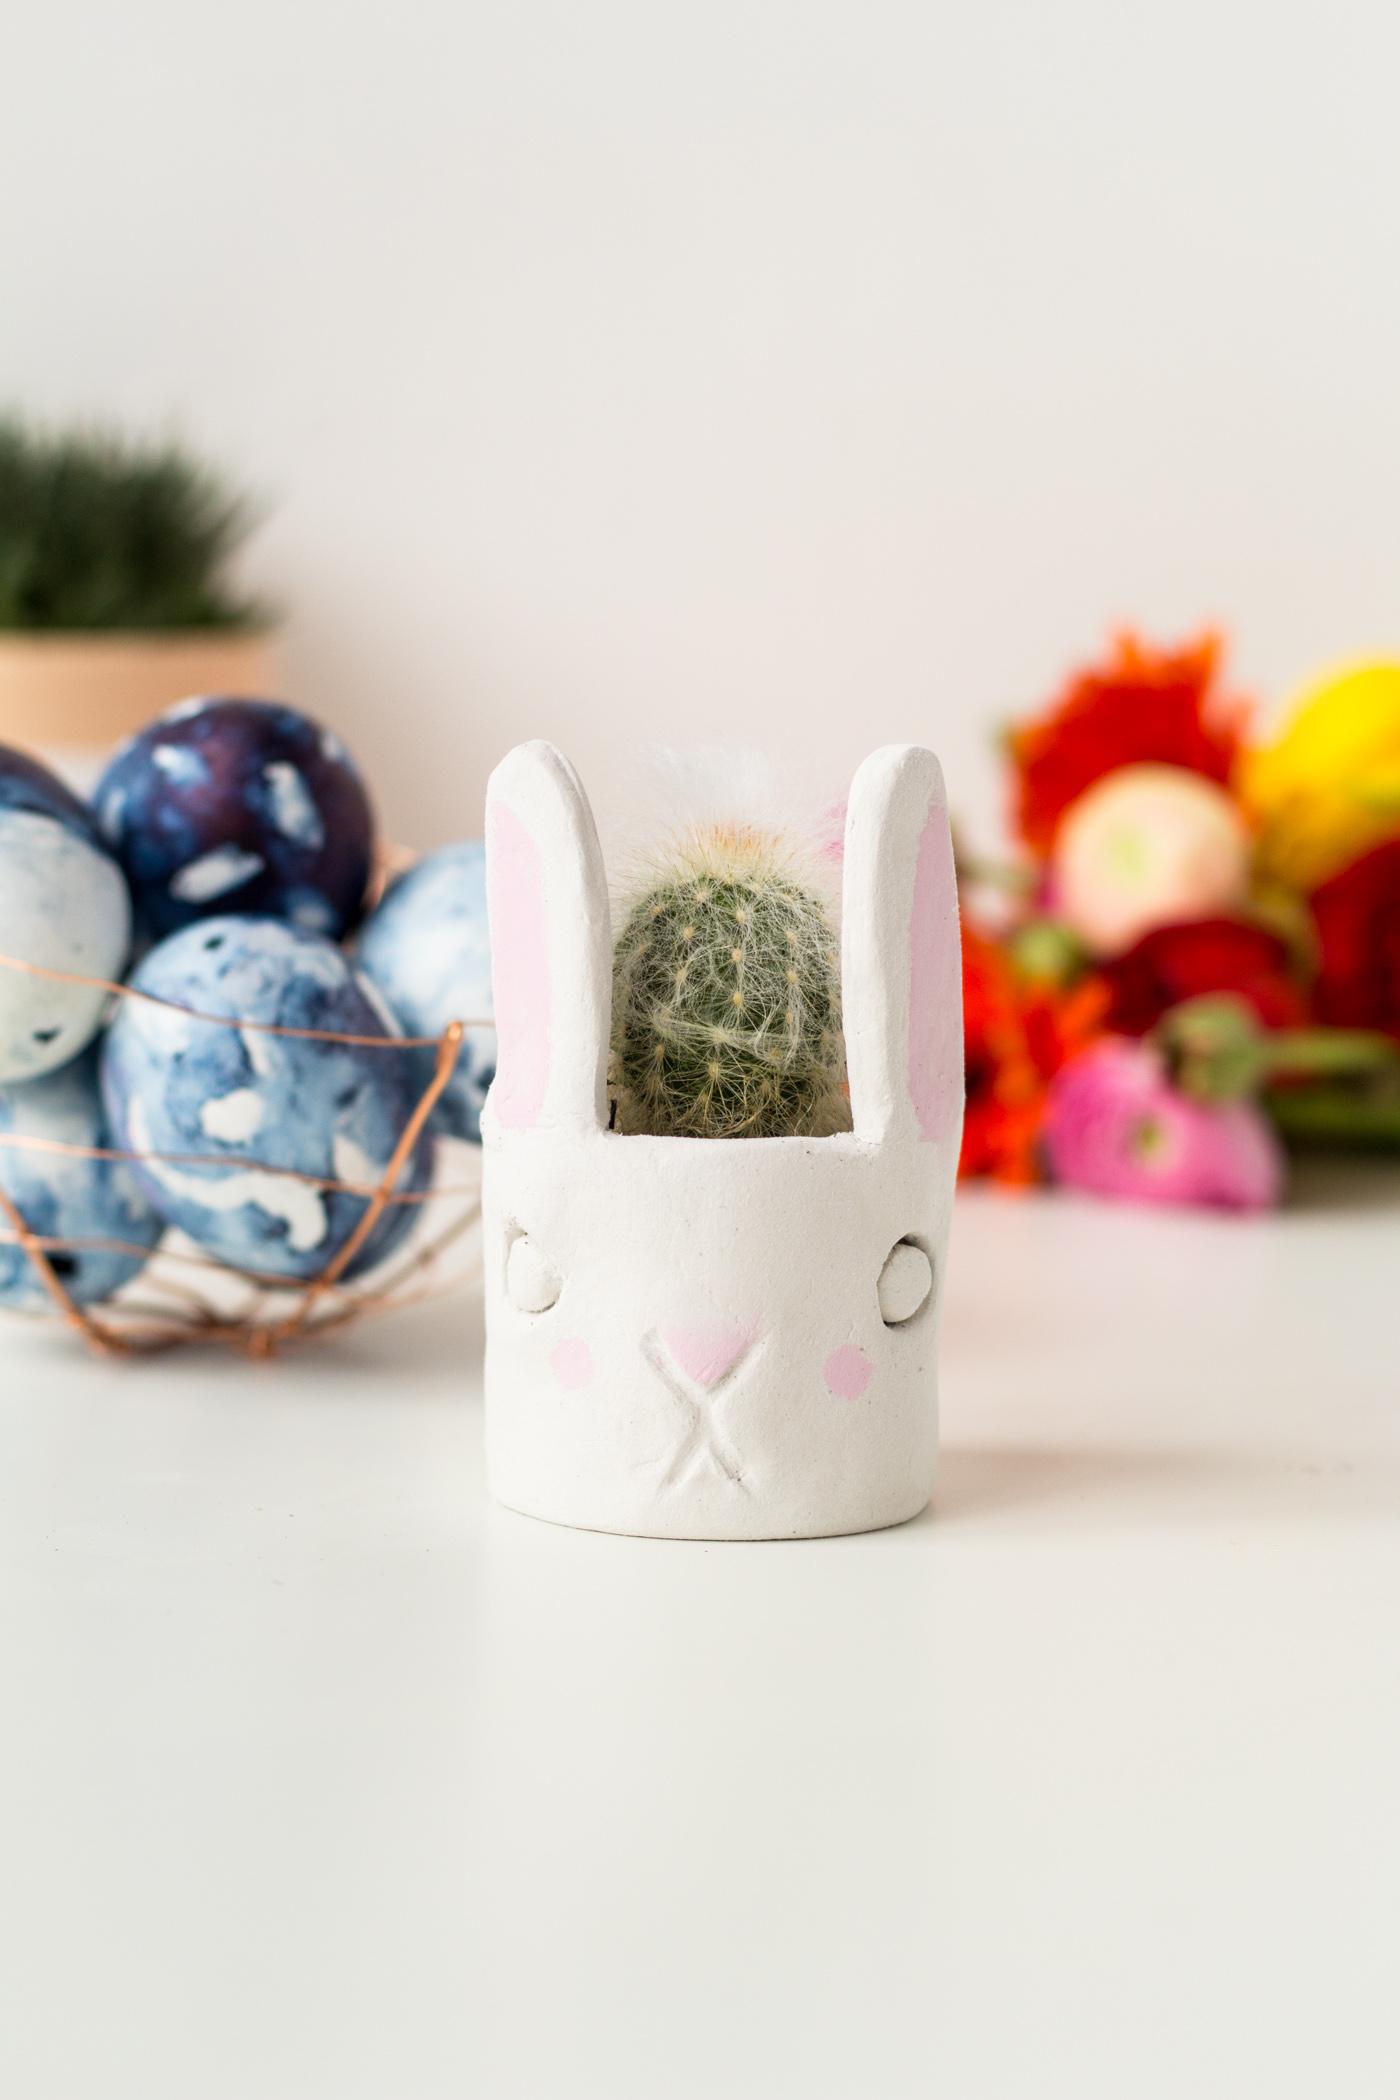 DIY Mini Cacti Bunny Planter | @fallfordiy-17